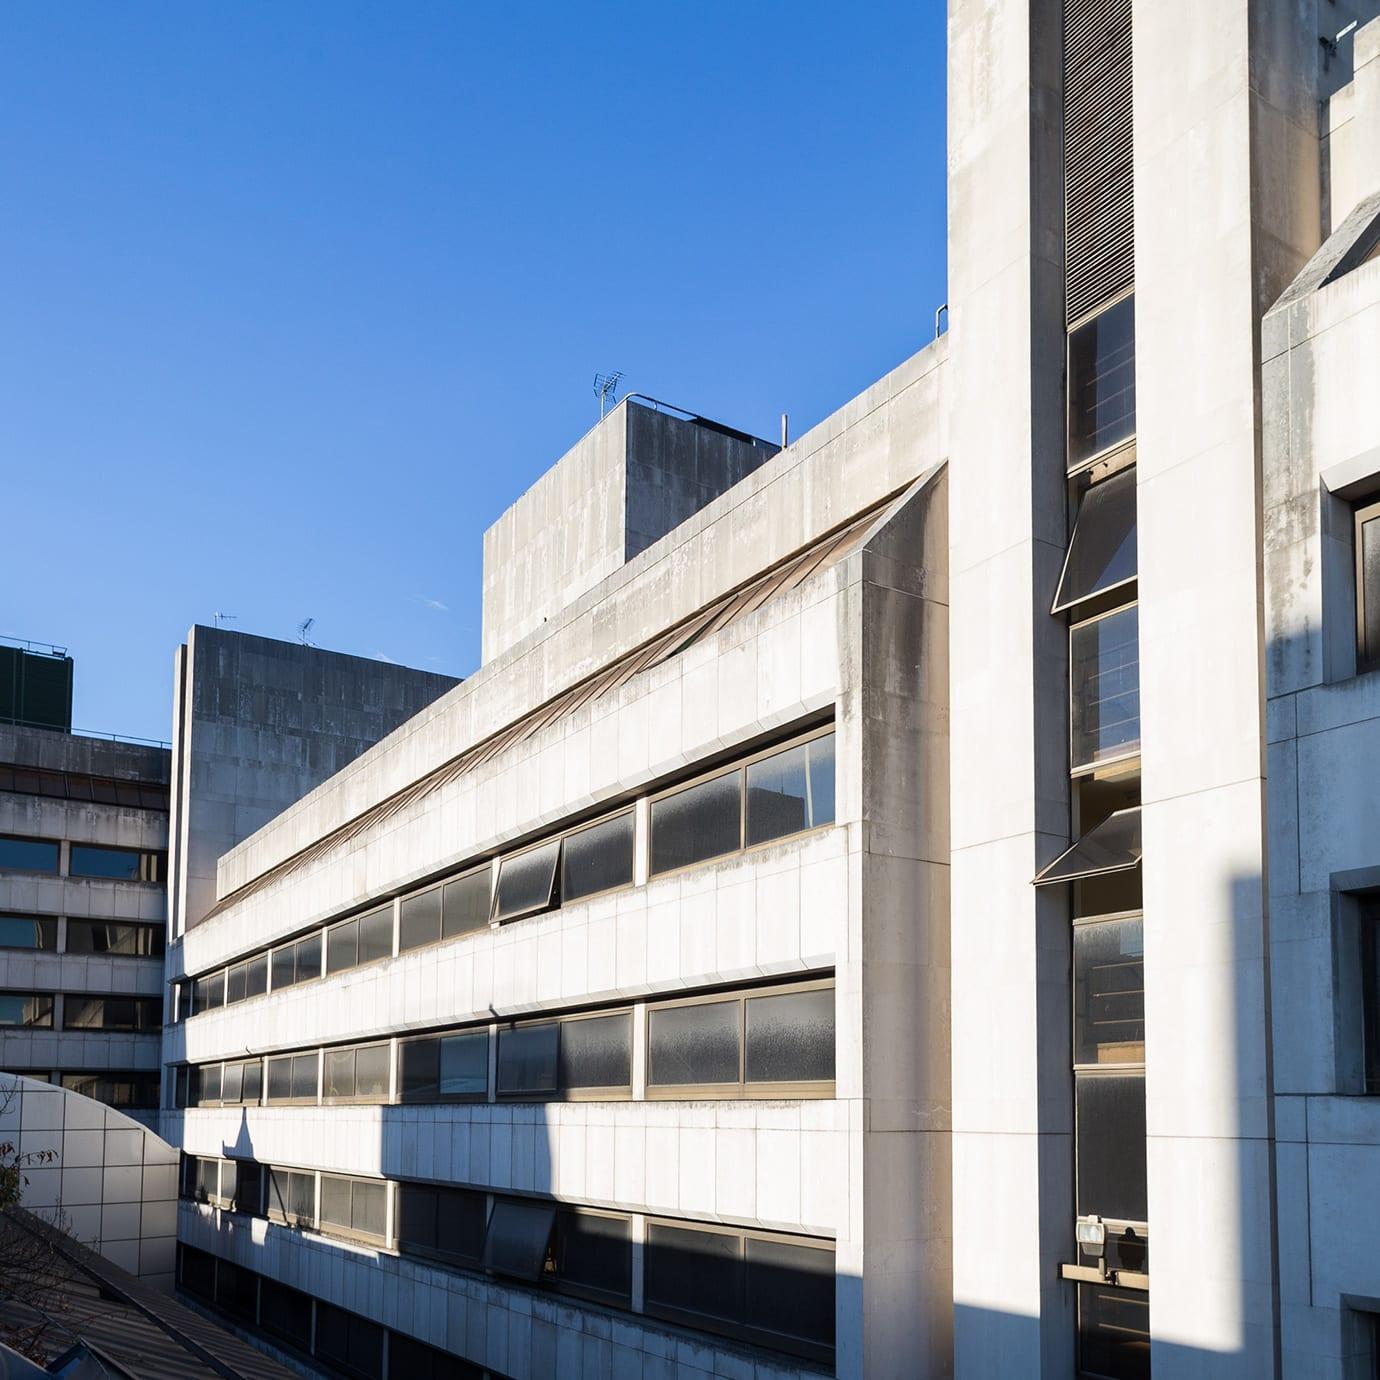 Detail of a brutalist concrete building.